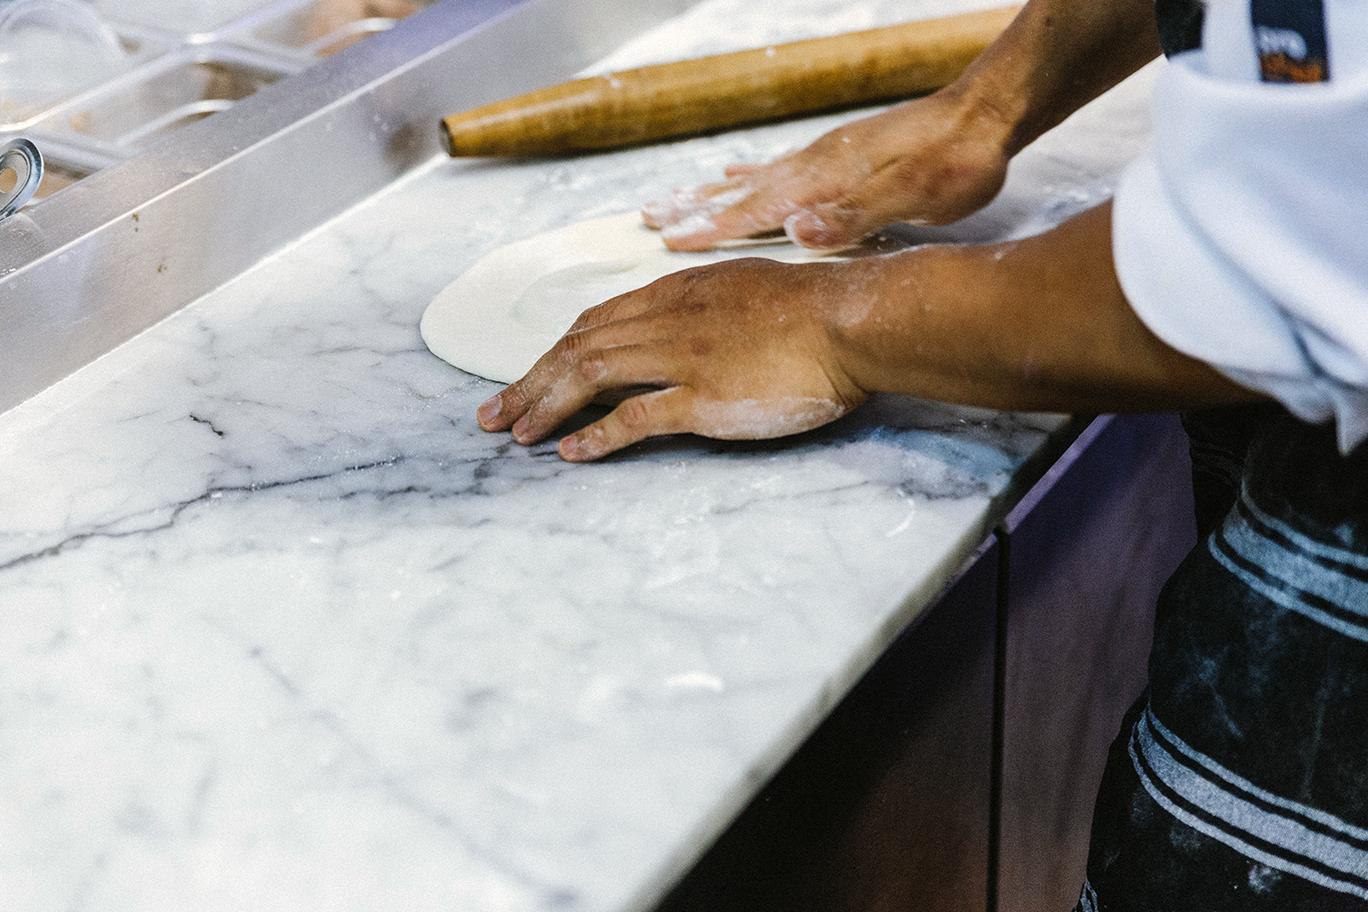 La-Fourchette-restaurant-pizza-kitchen02.png